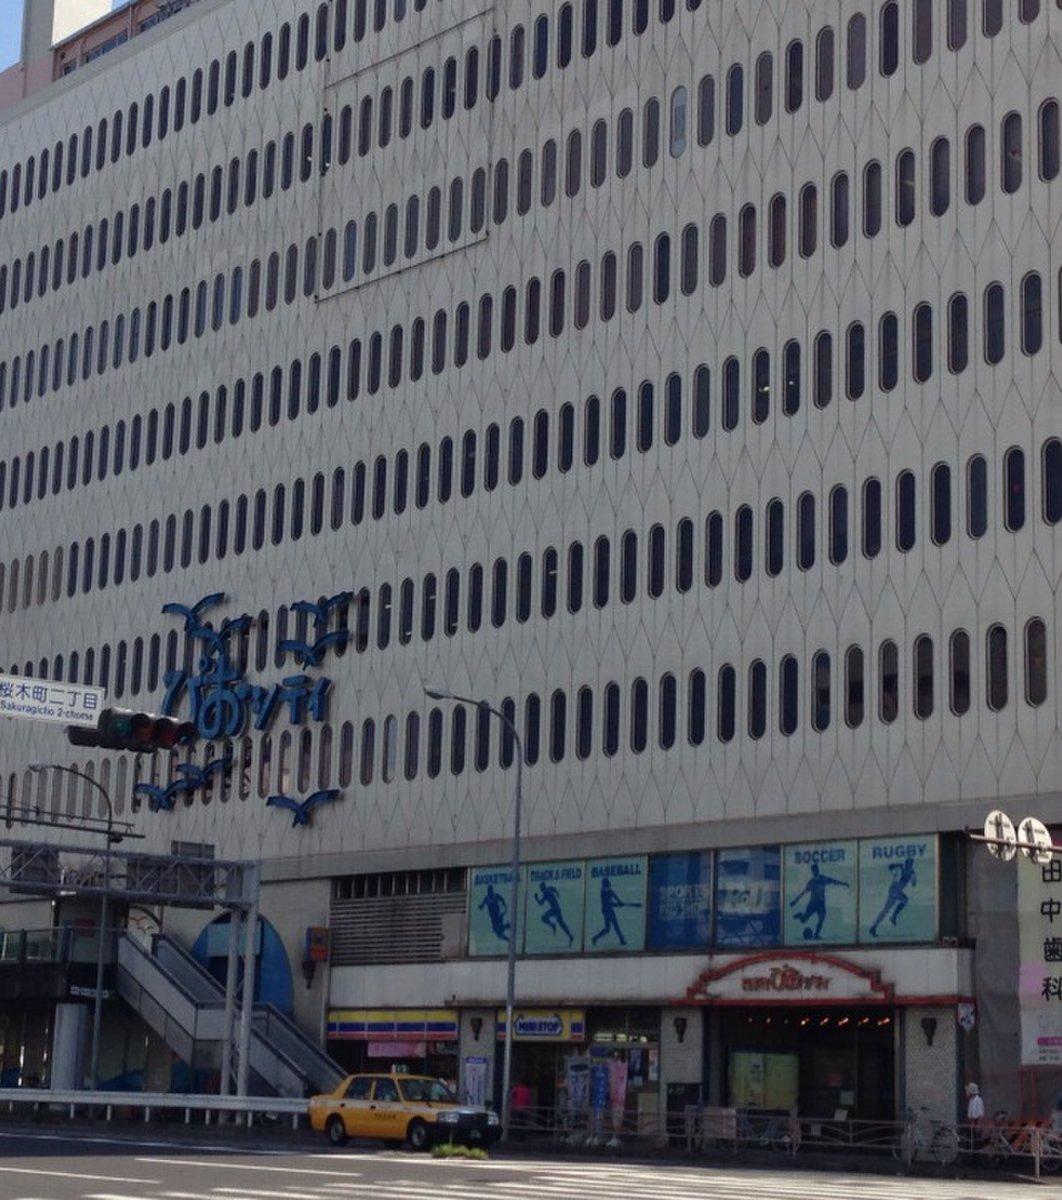 ザ・ダイソーぴおシティ店